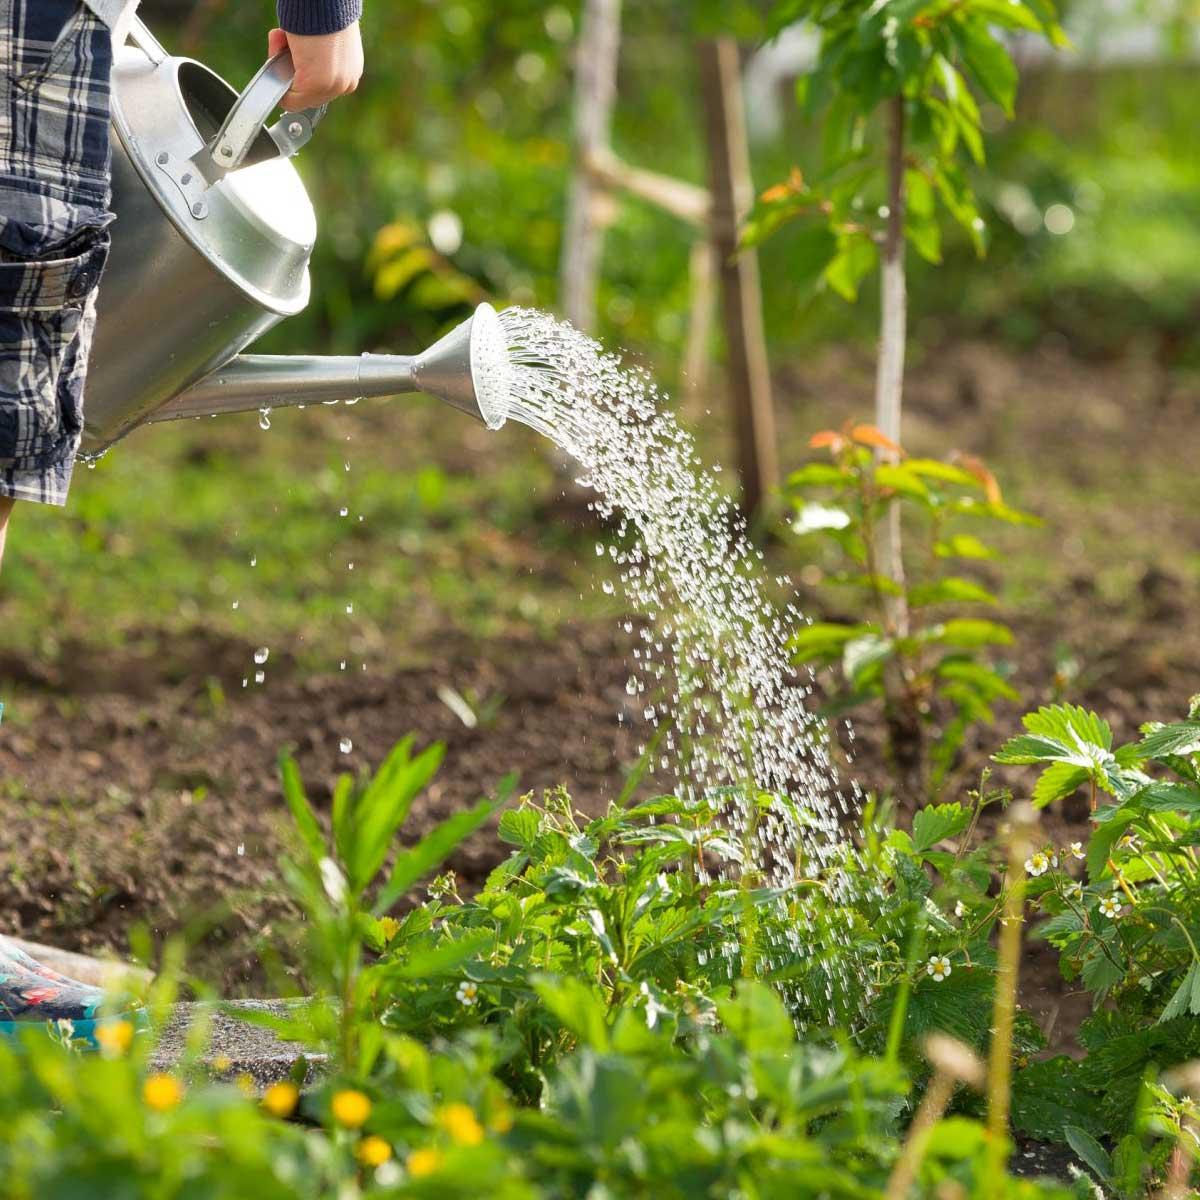 Comment Detruire Efficacement Les Taupes traitement anti vers blancs jardin | jardins-animes